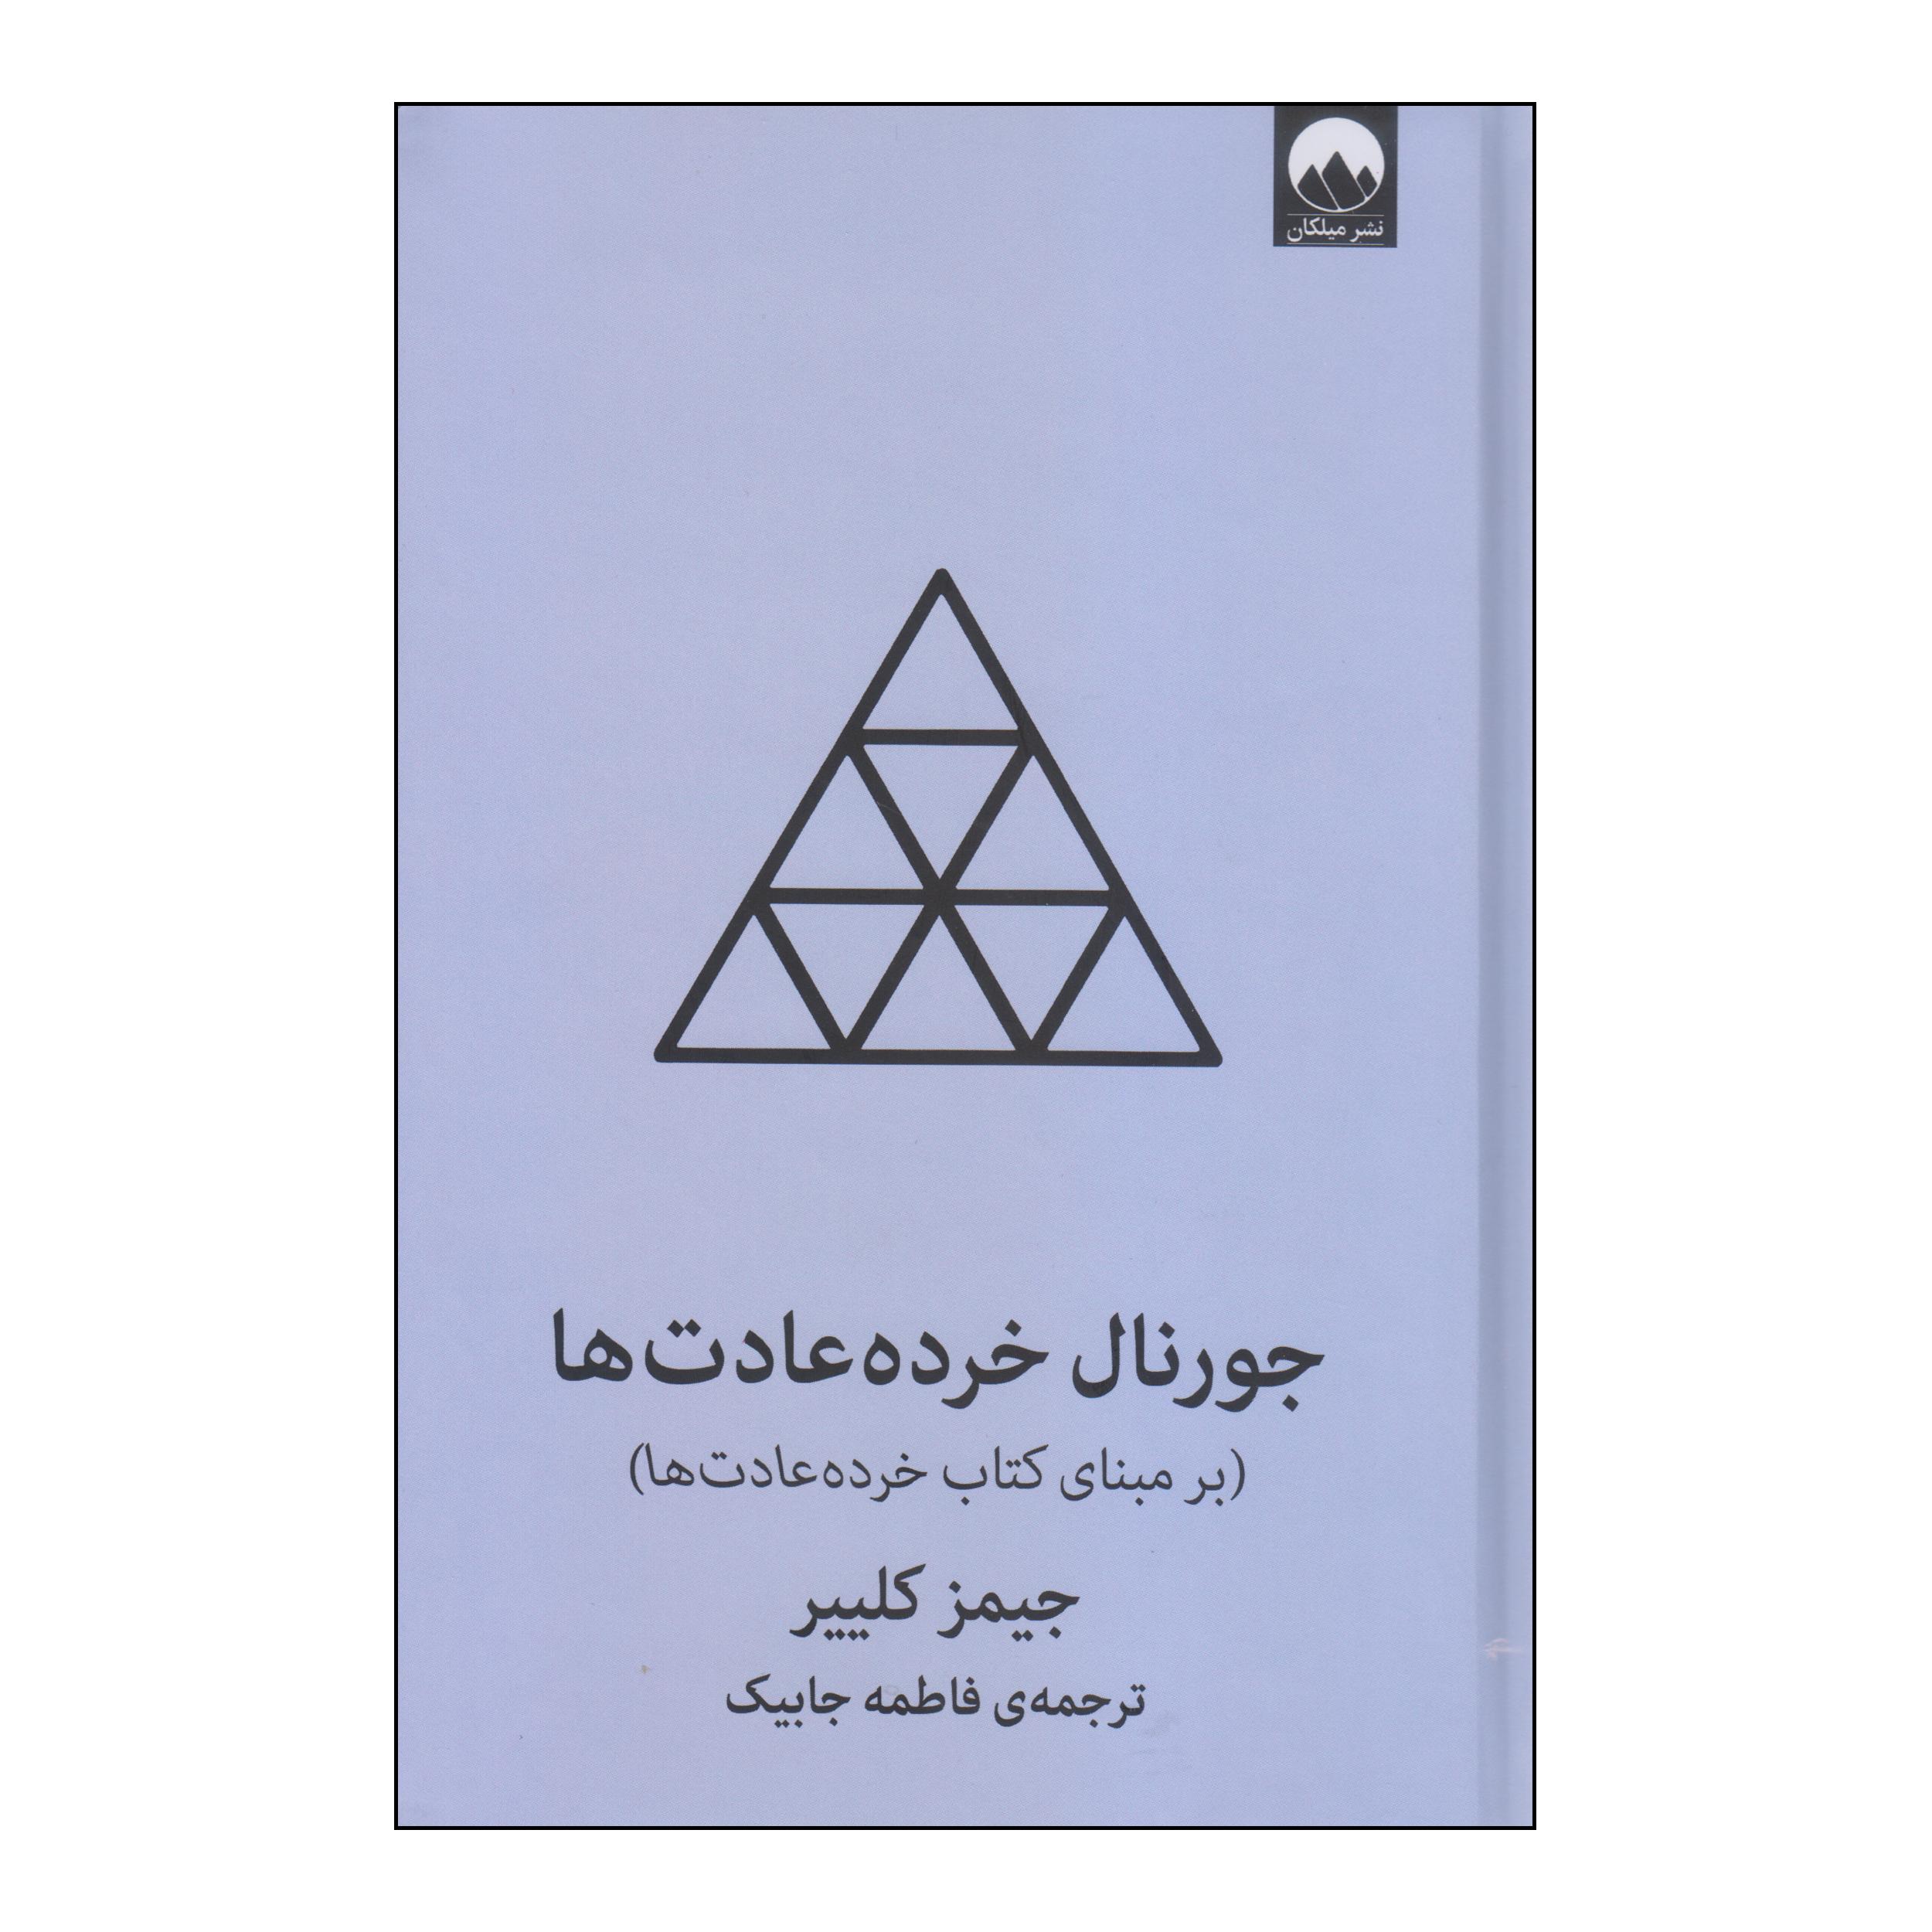 کتاب جورنال خرده عادت ها اثر جیمز کلییر نشر میلکان